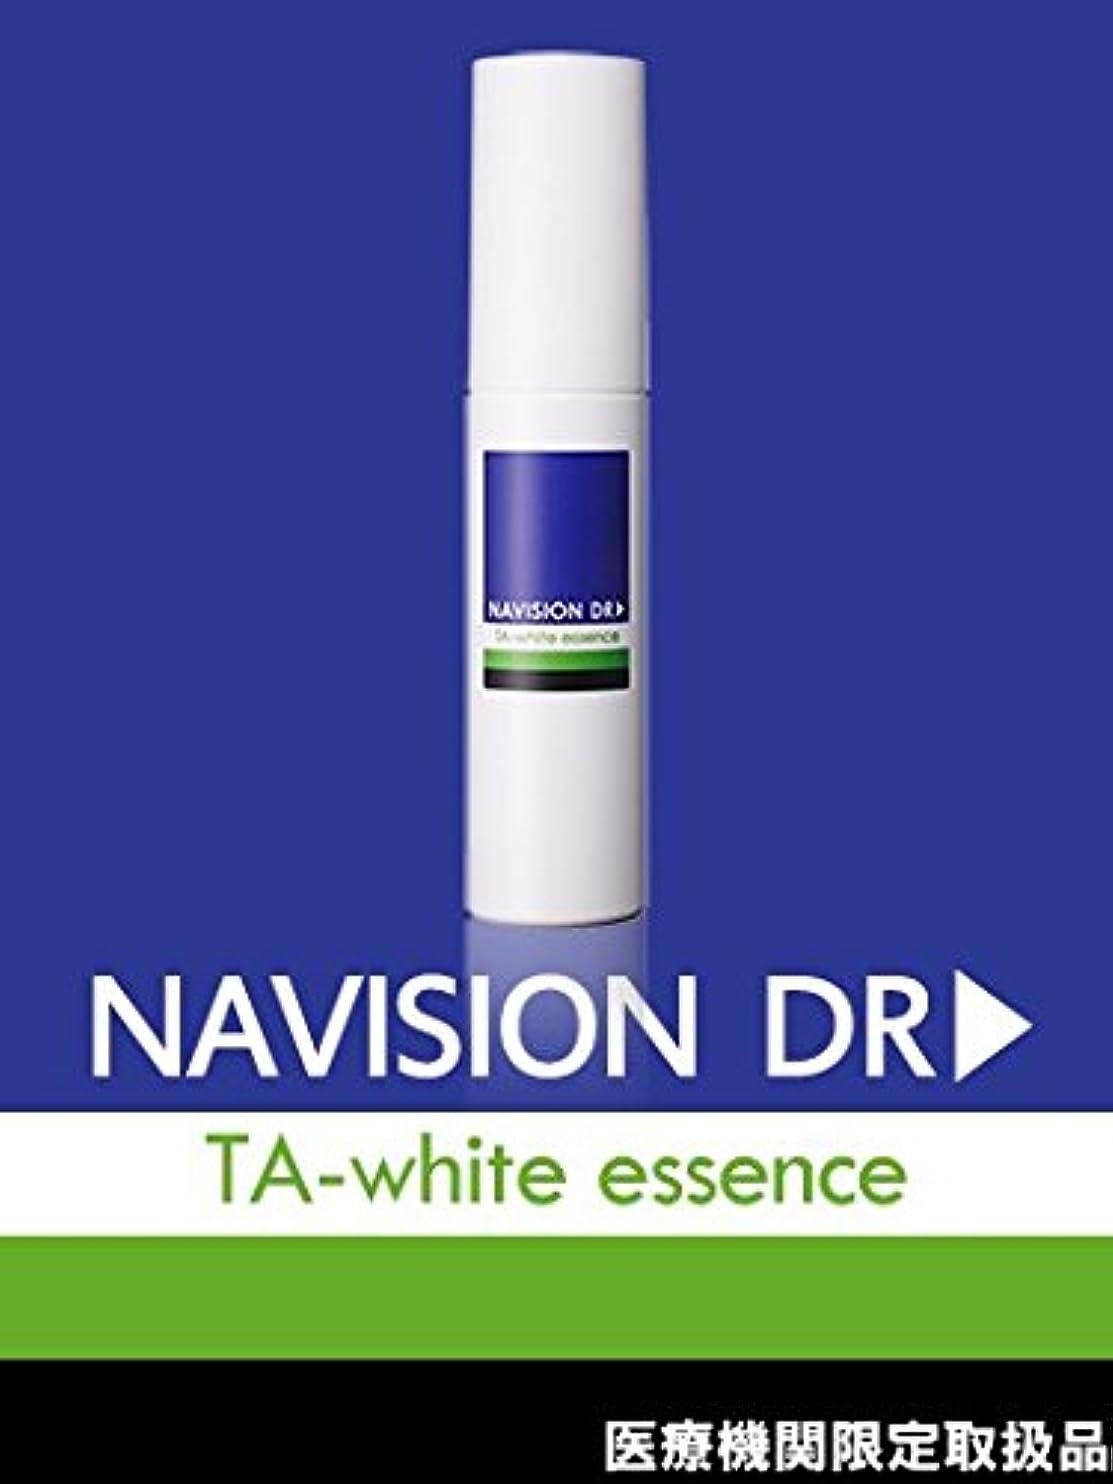 シロクマスパイメダルNAVISION DR? ナビジョンDR TAホワイトエッセンス(医薬部外品) 45mL 【医療機関限定取扱品】